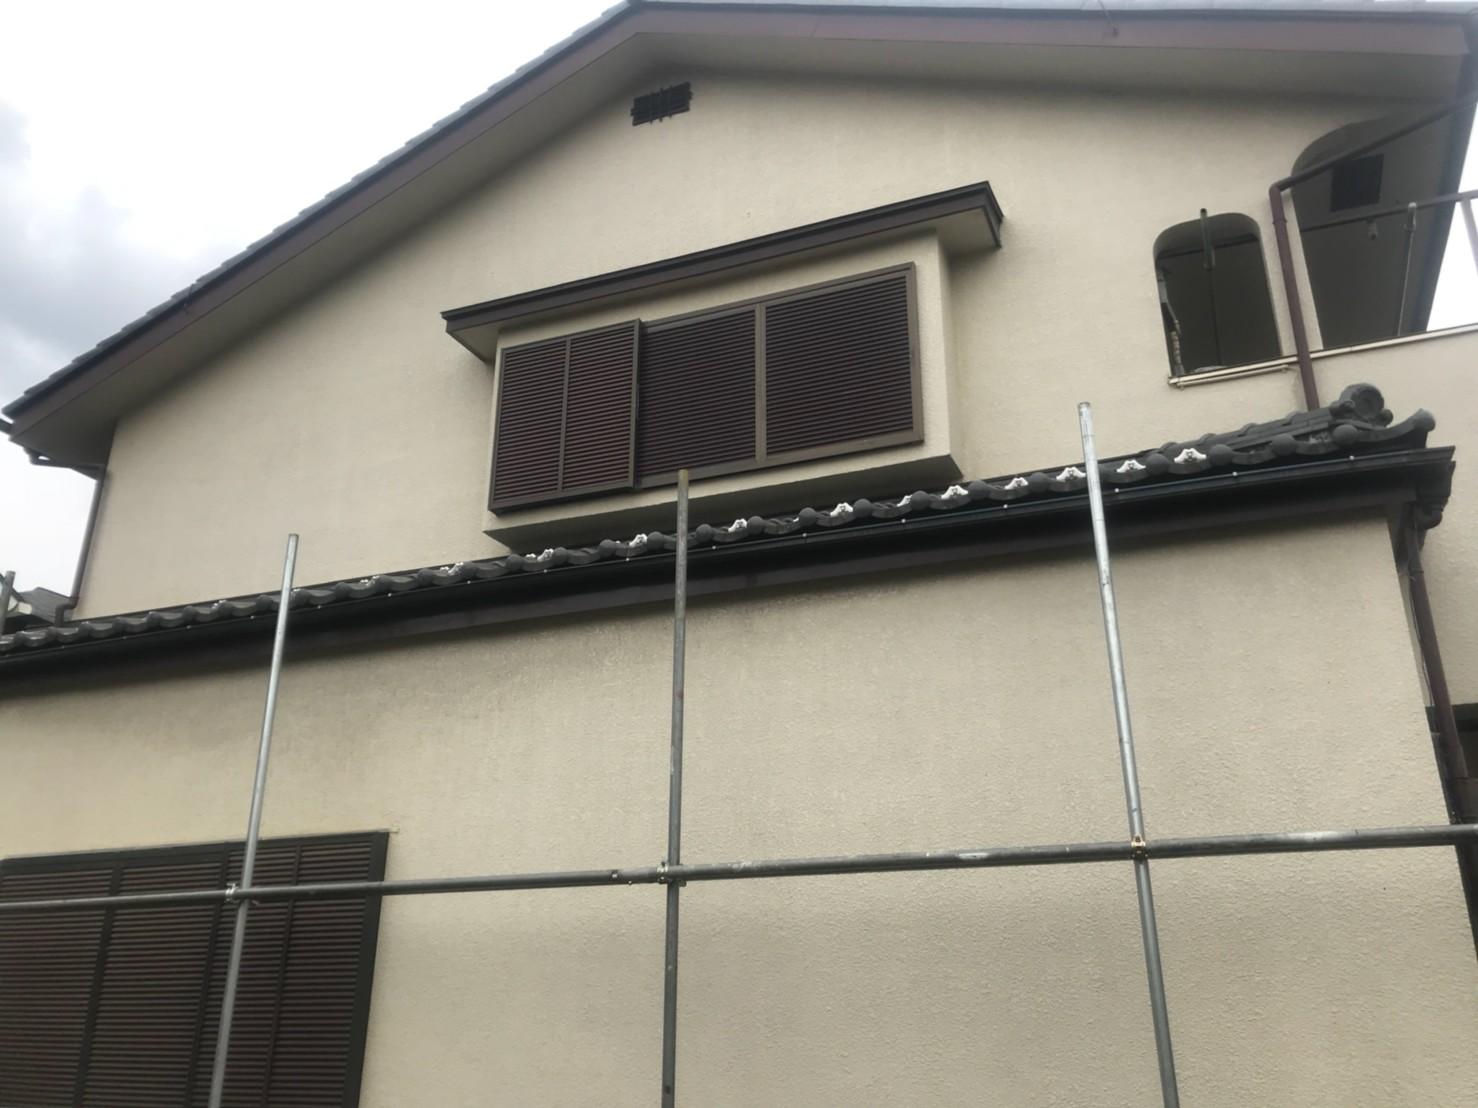 東京都練馬区で火災保険申請による雨樋無料交換3